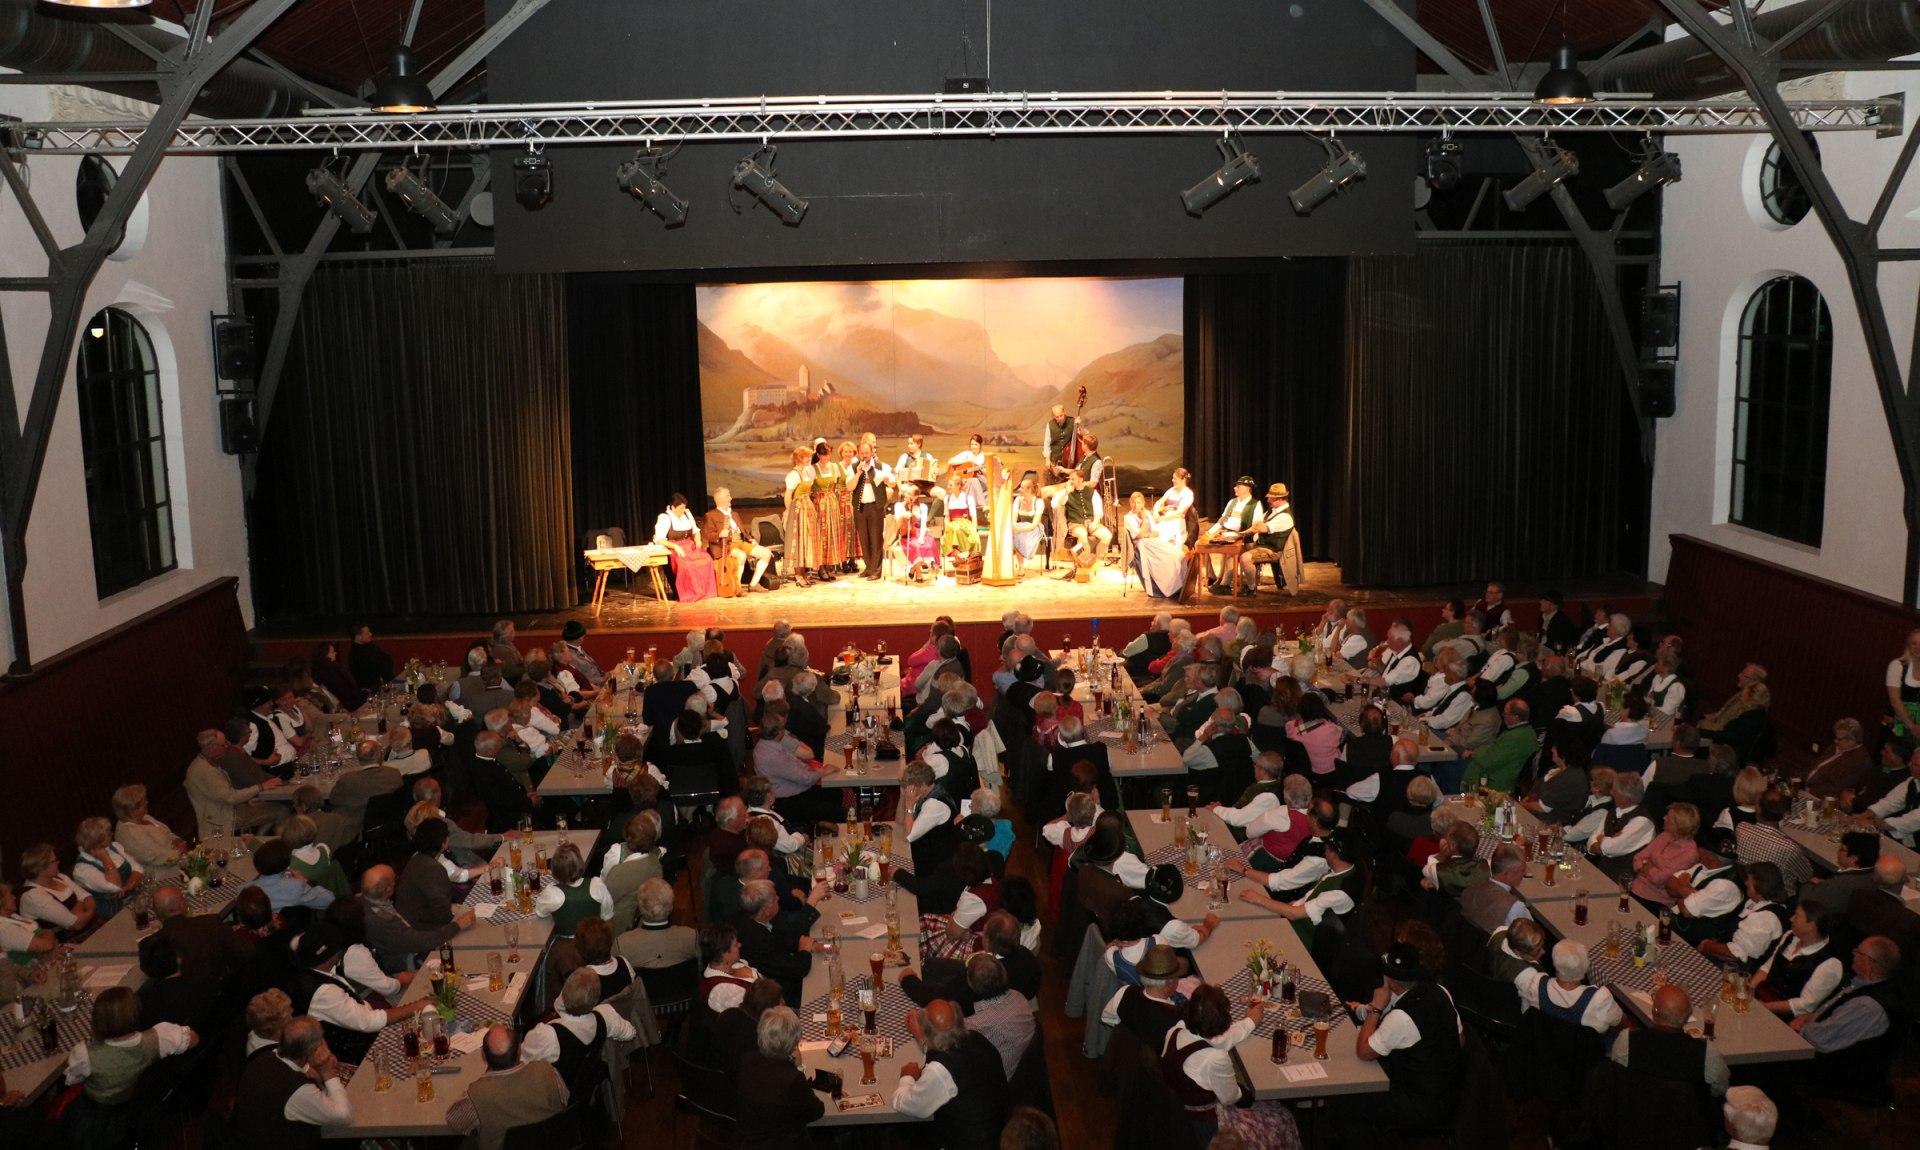 Veranstaltung Festhalle Hohenaschau, © Rehberg Heinrich